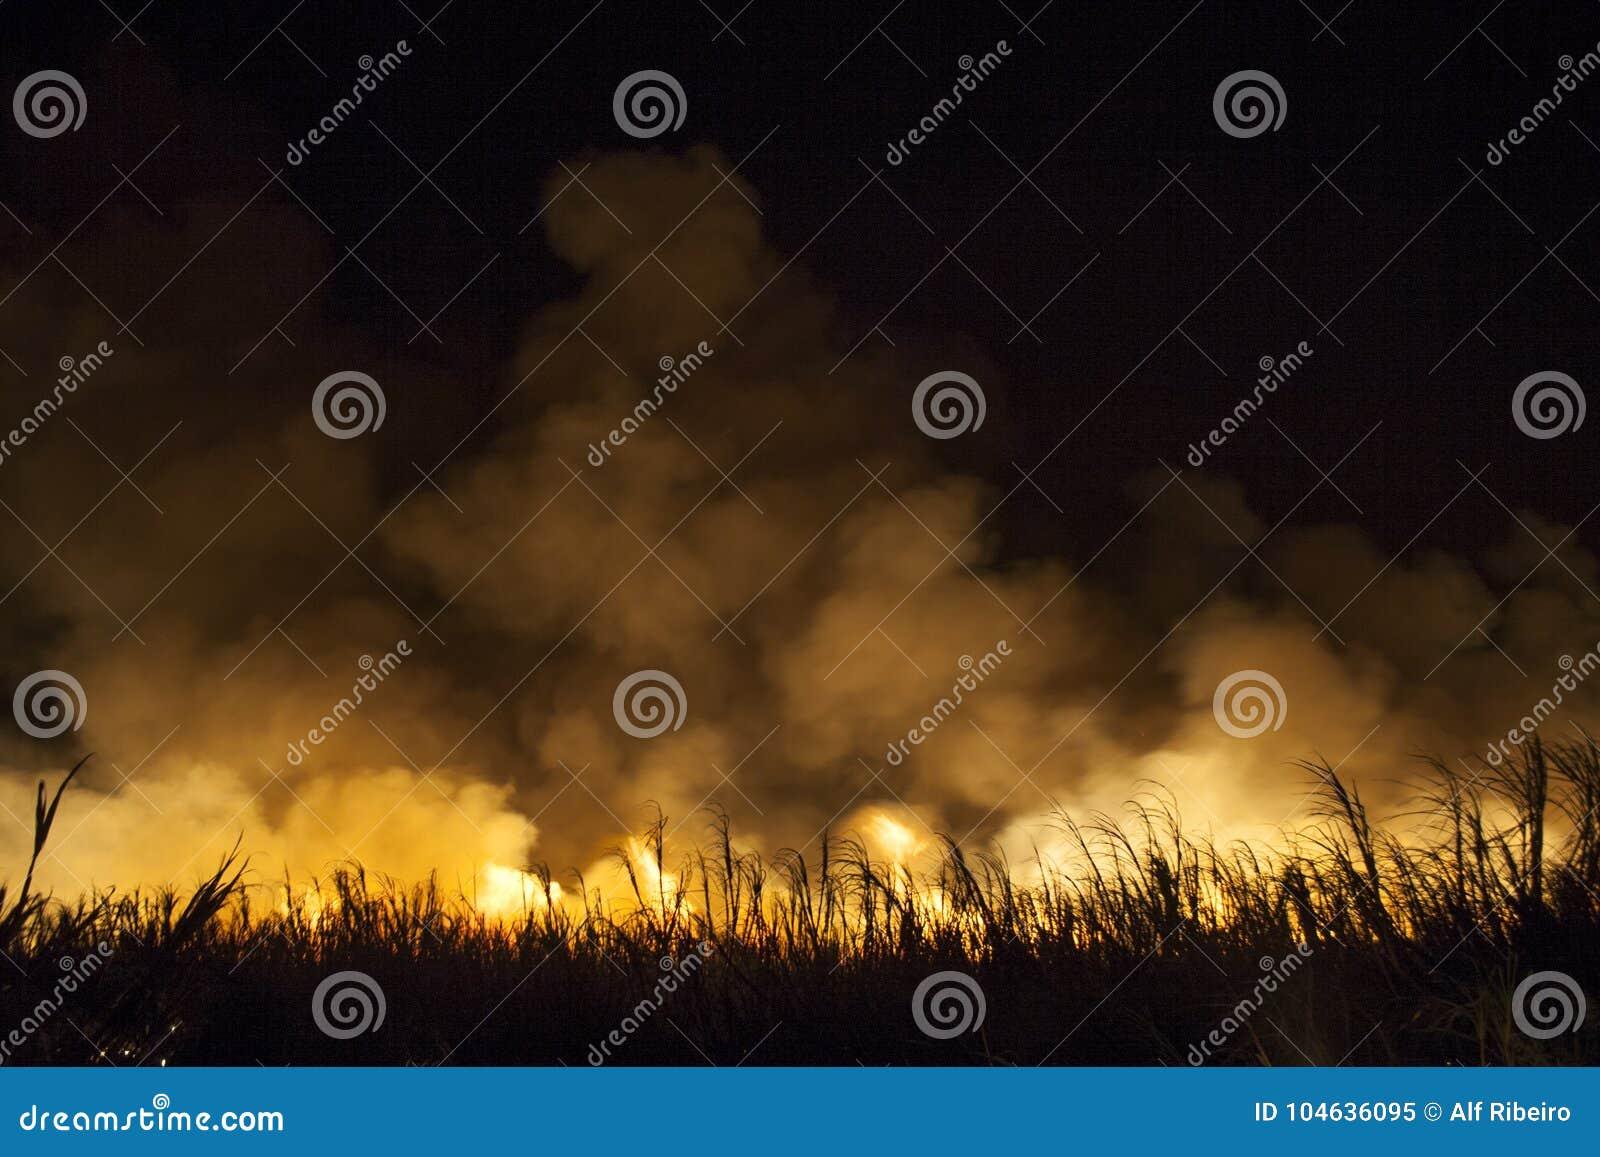 Download Suikerrietbrand stock afbeelding. Afbeelding bestaande uit vuurzee - 104636095